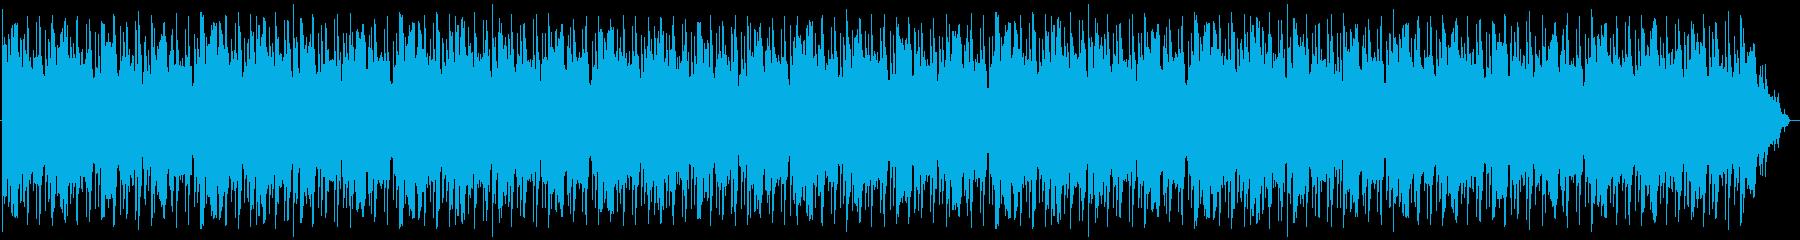 電気研究所ロボット催眠ハイテクテク...の再生済みの波形